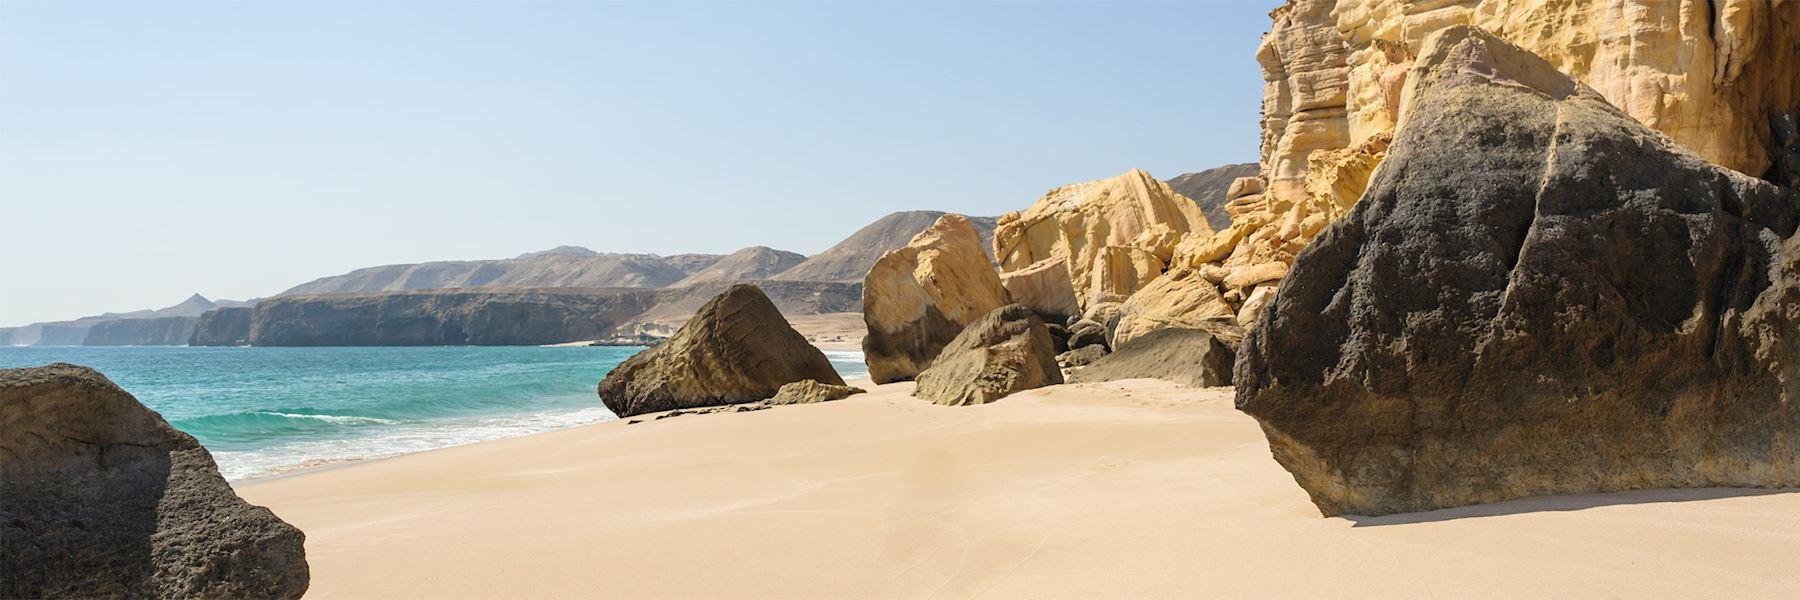 Visit Ras Al Jinz, Oman